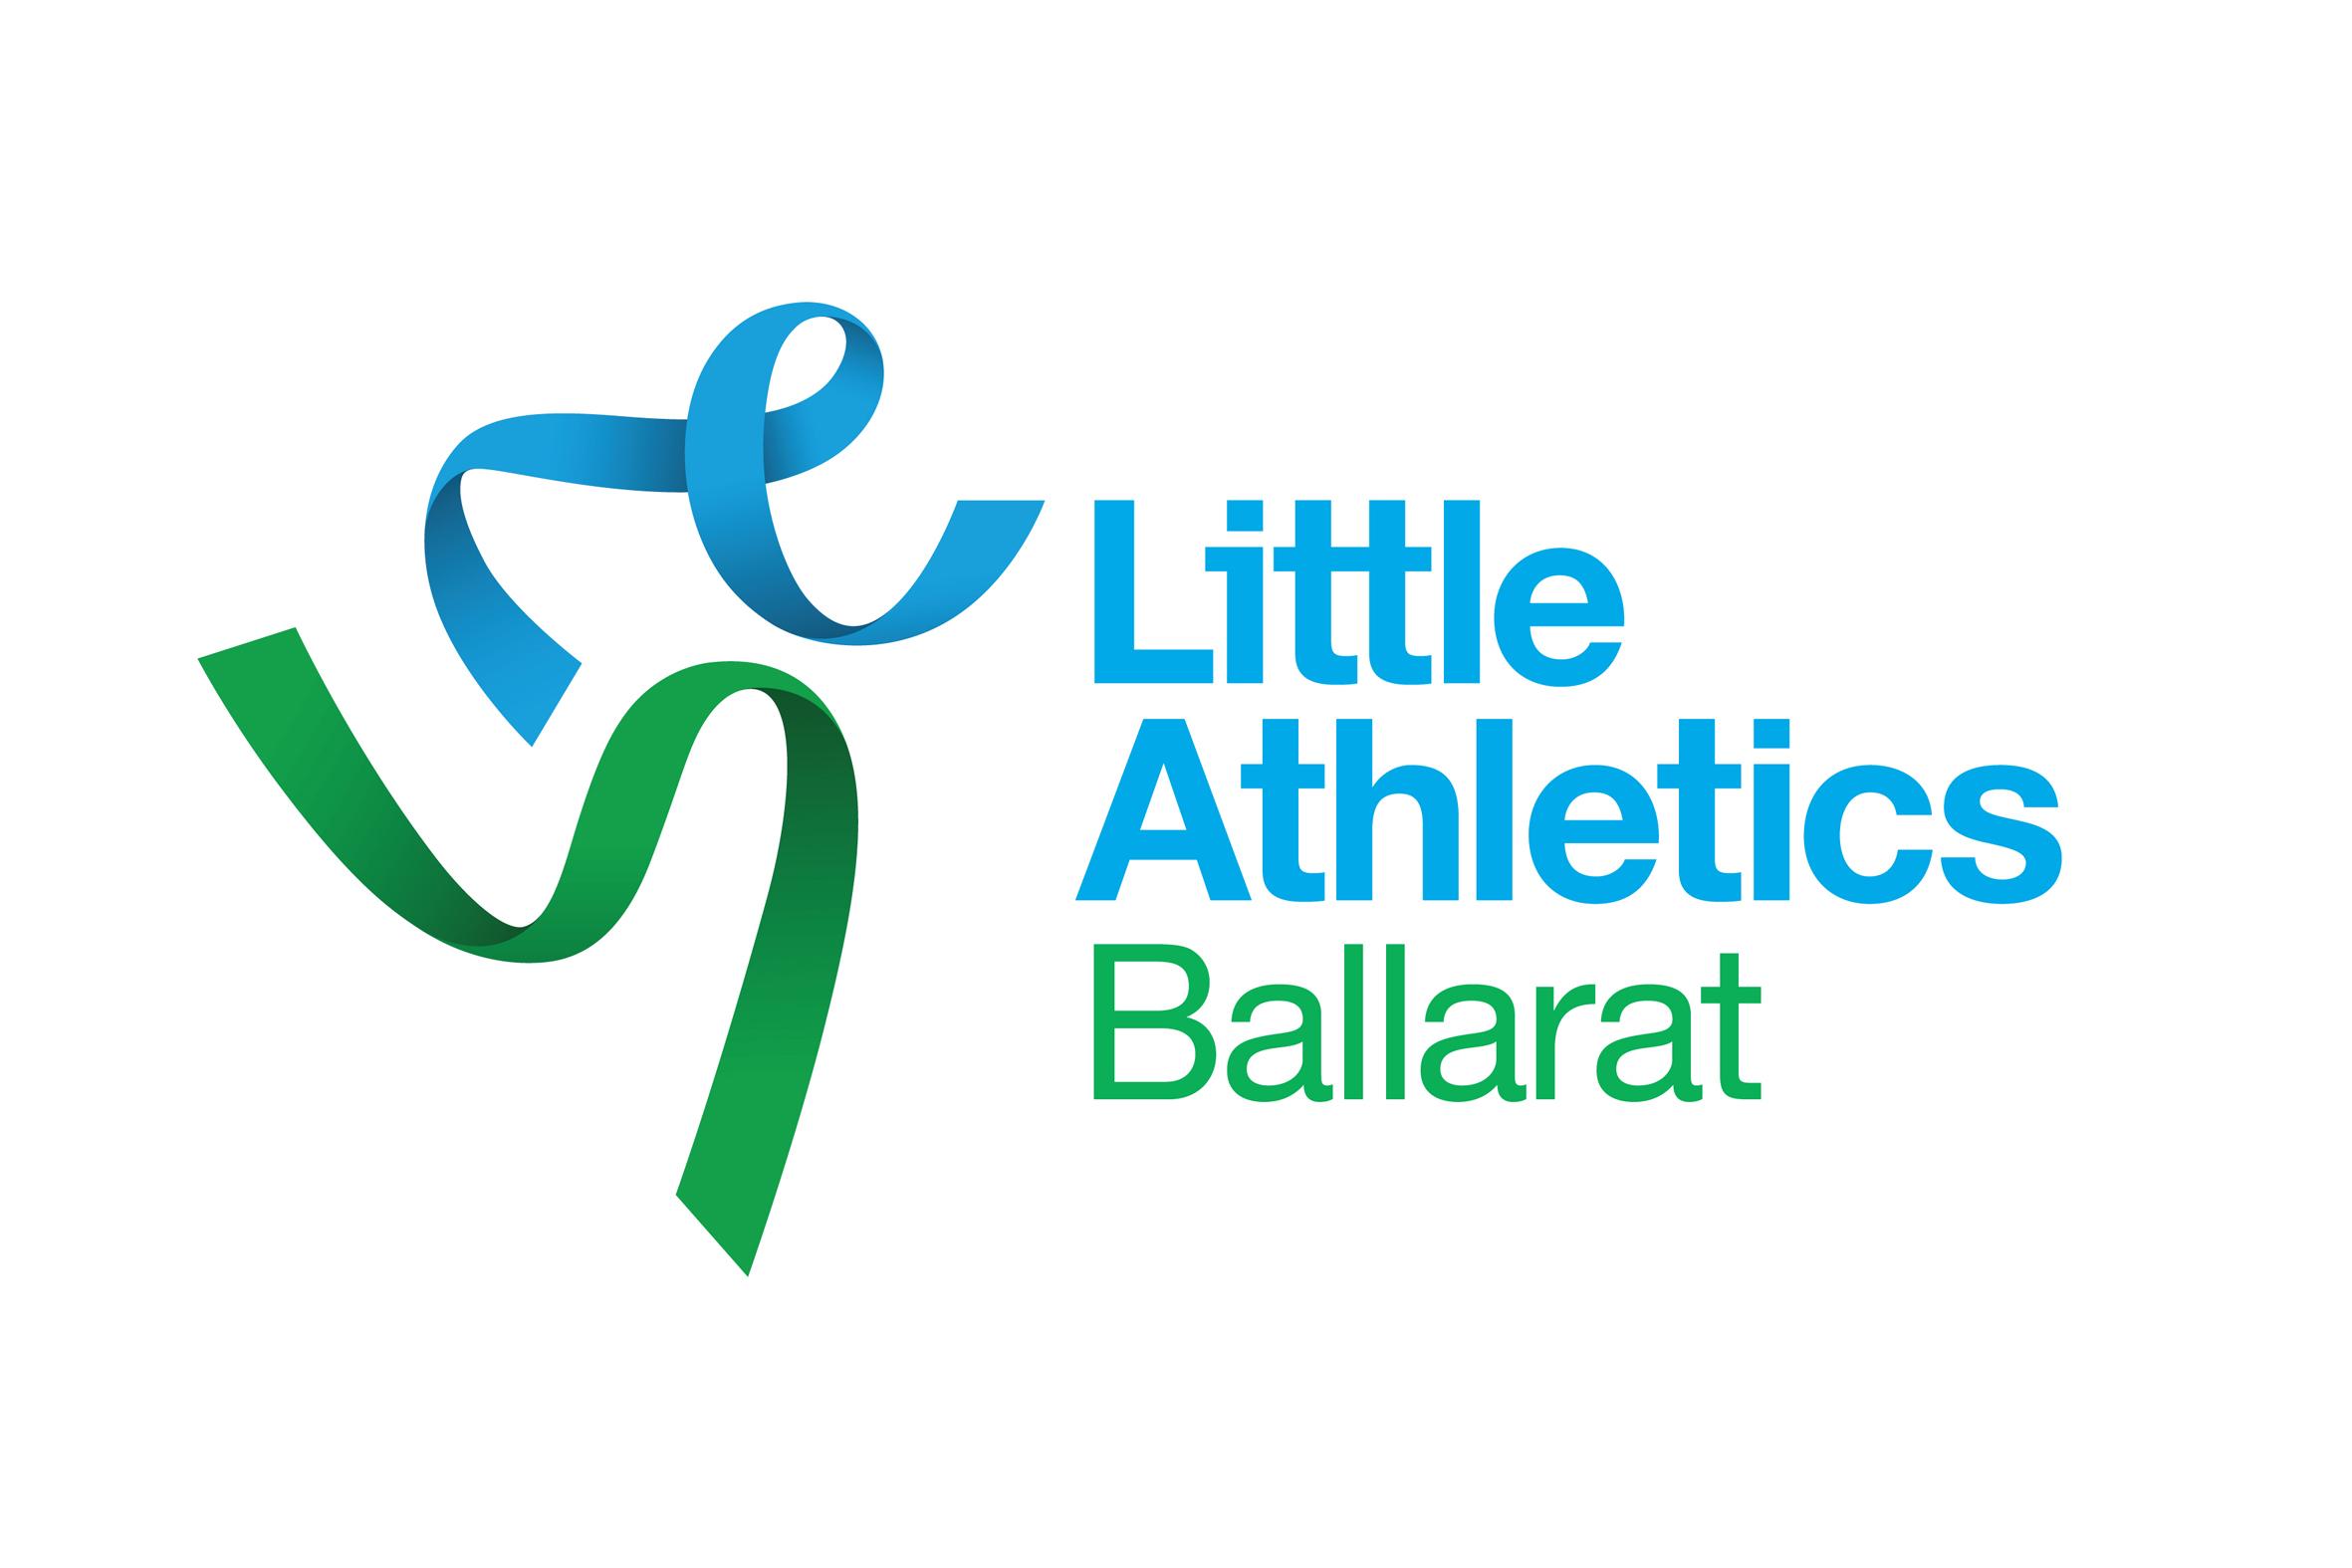 Ballarat LW.jpg